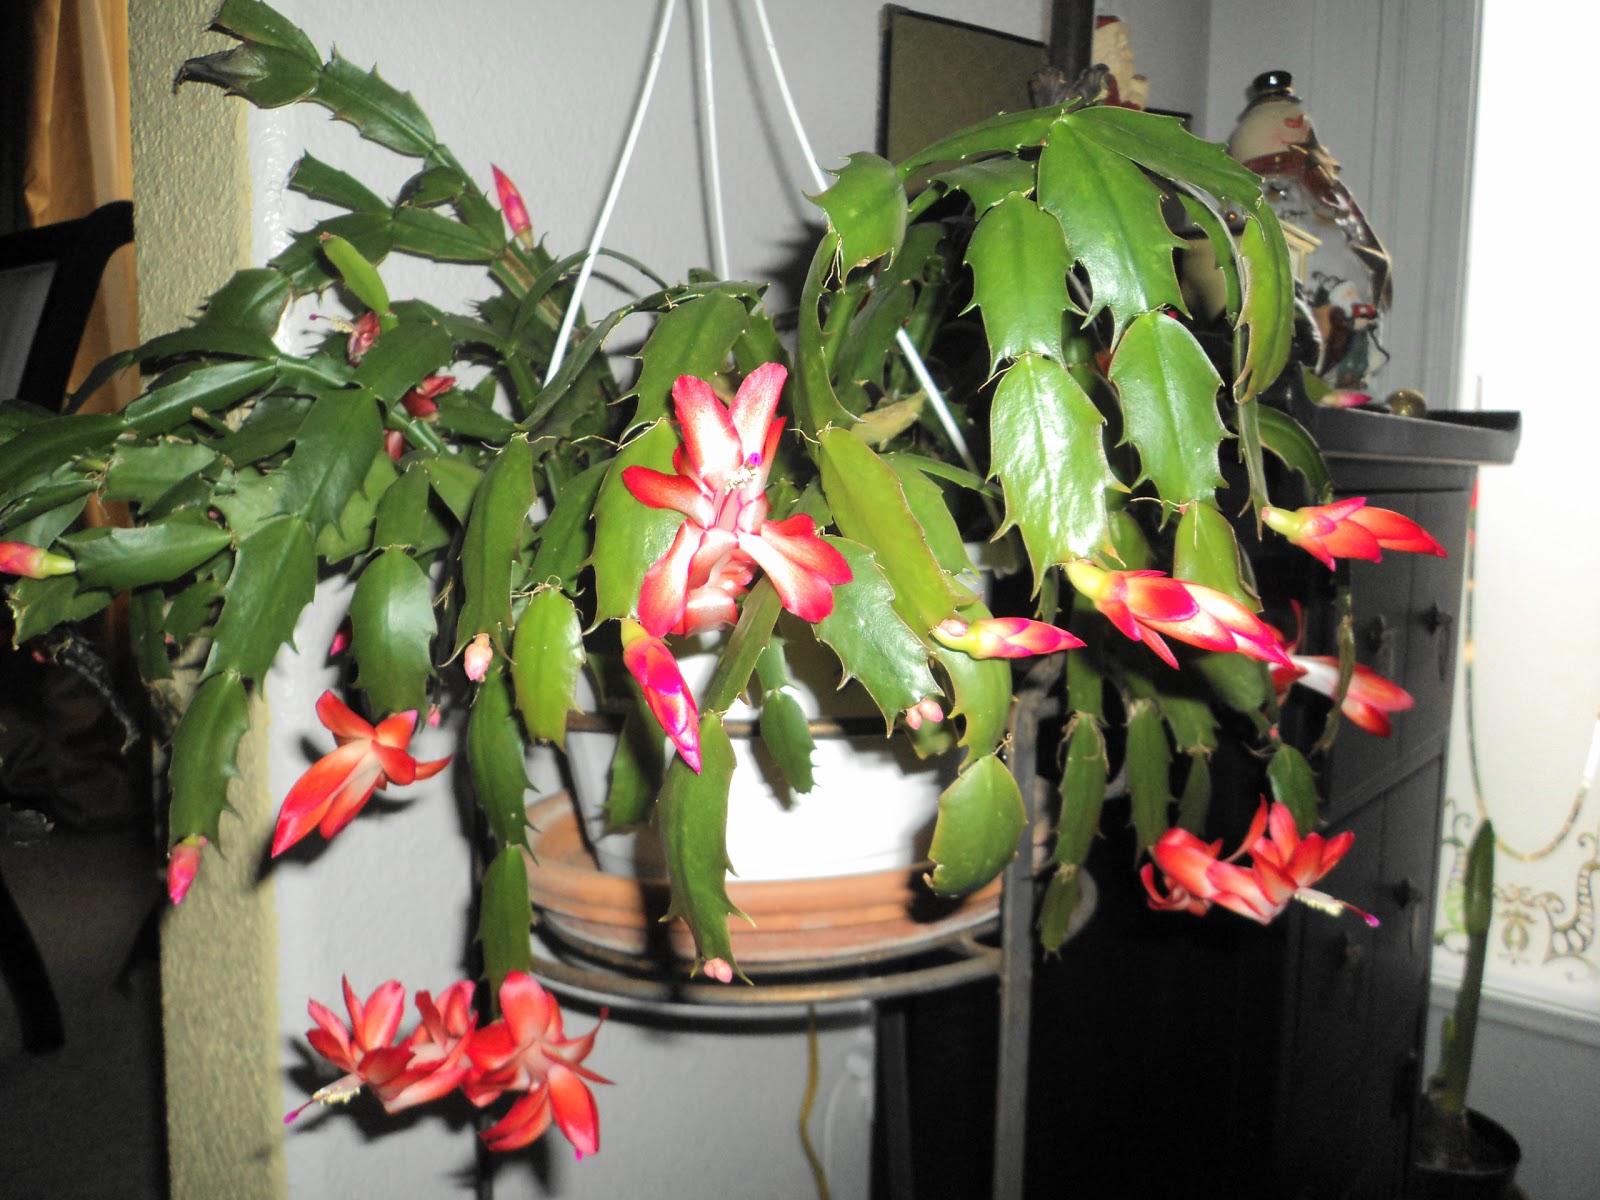 The Gardener December 2010